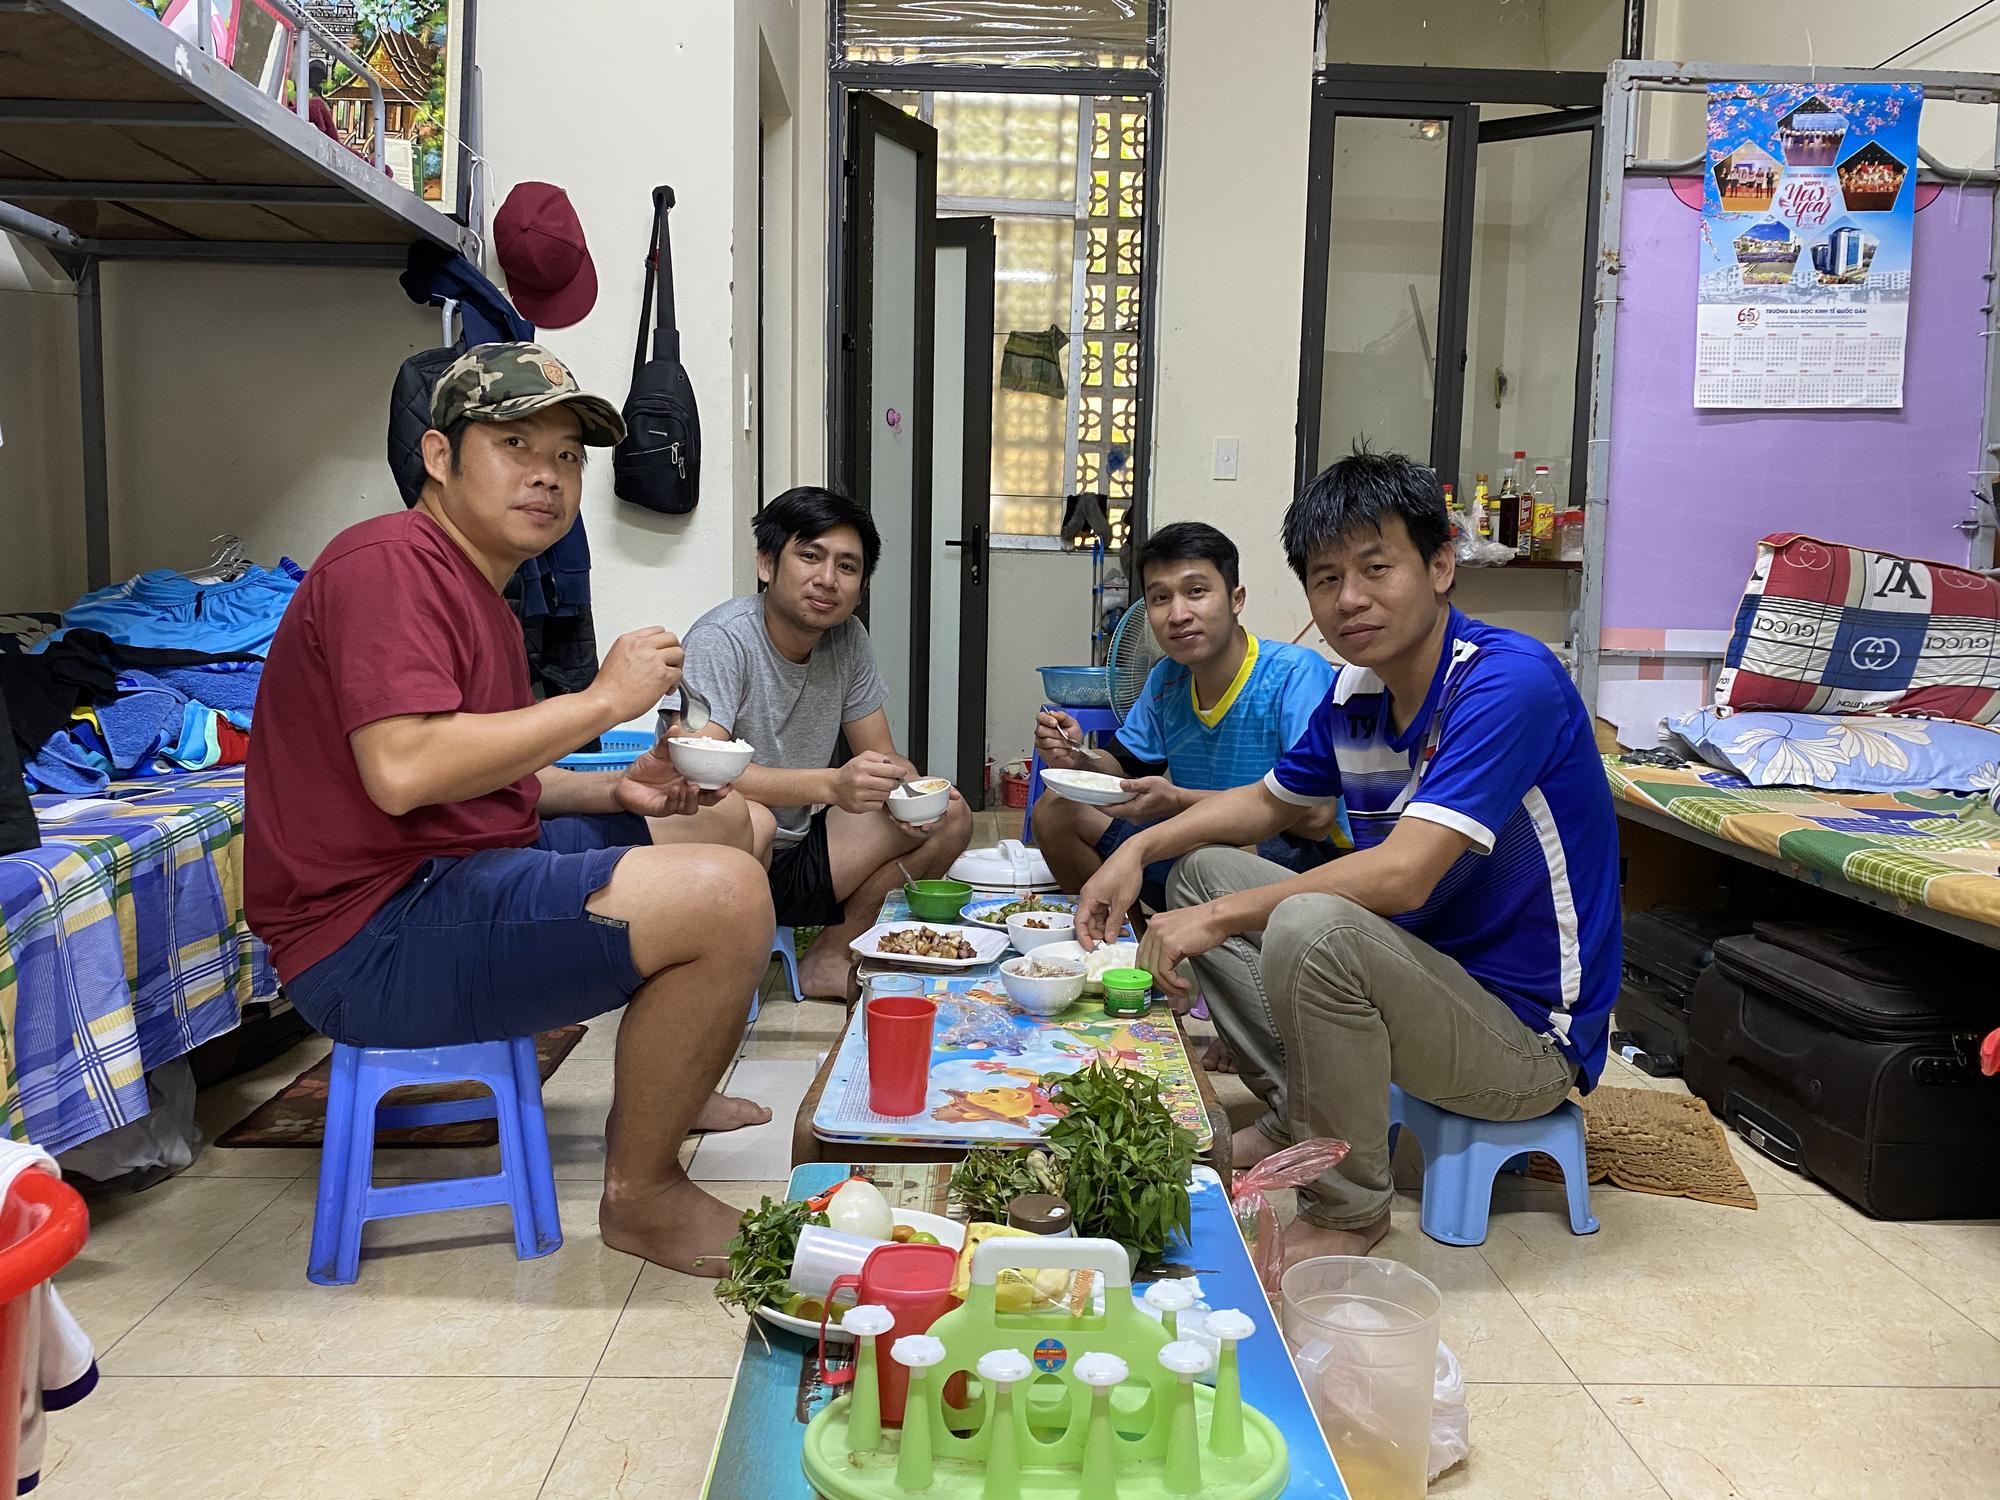 Cuộc sống đặc biệt giữa bối cảnh dịch bệnh Covid-19 của những sinh viên, lưu học sinh nước ngoài trên đất Việt - Ảnh 9.